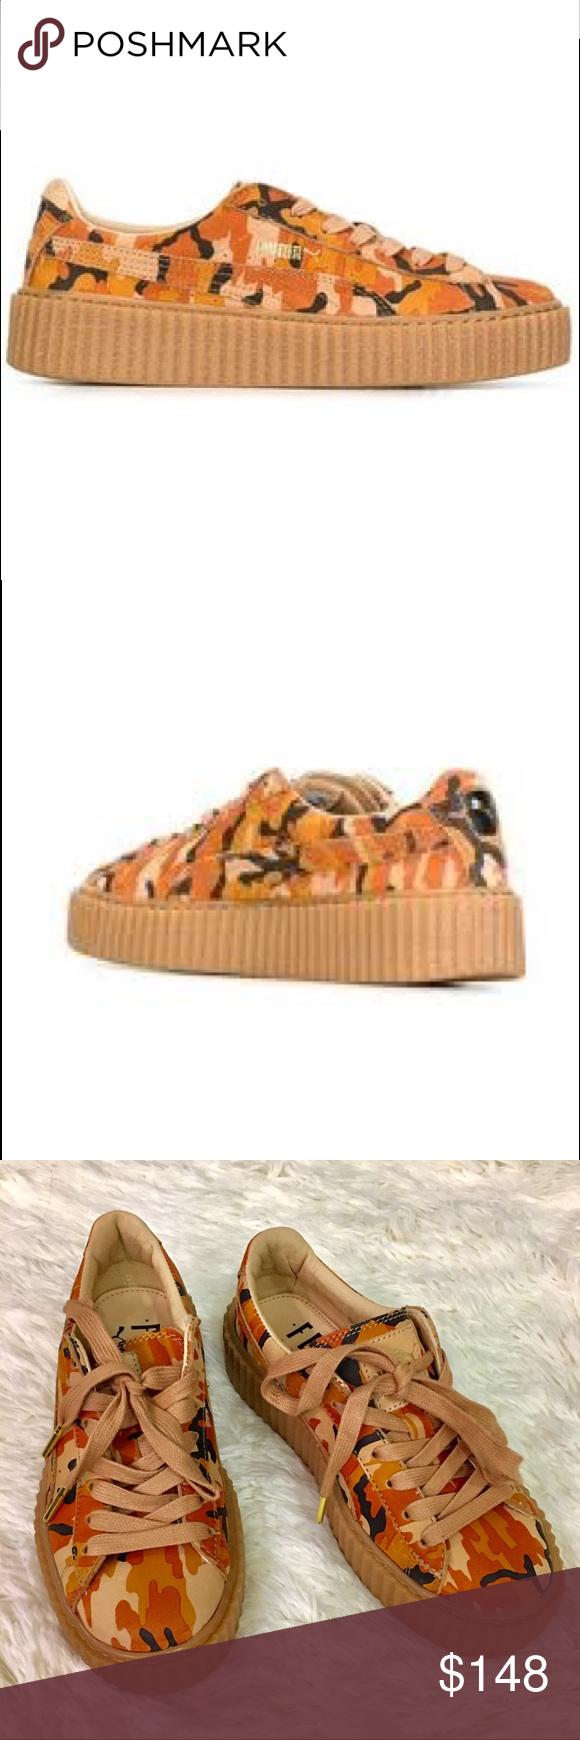 sports shoes 75f29 84765 FENTY X PUMA Rihanna Camouflage Creepers Sneakers Rihanna ...